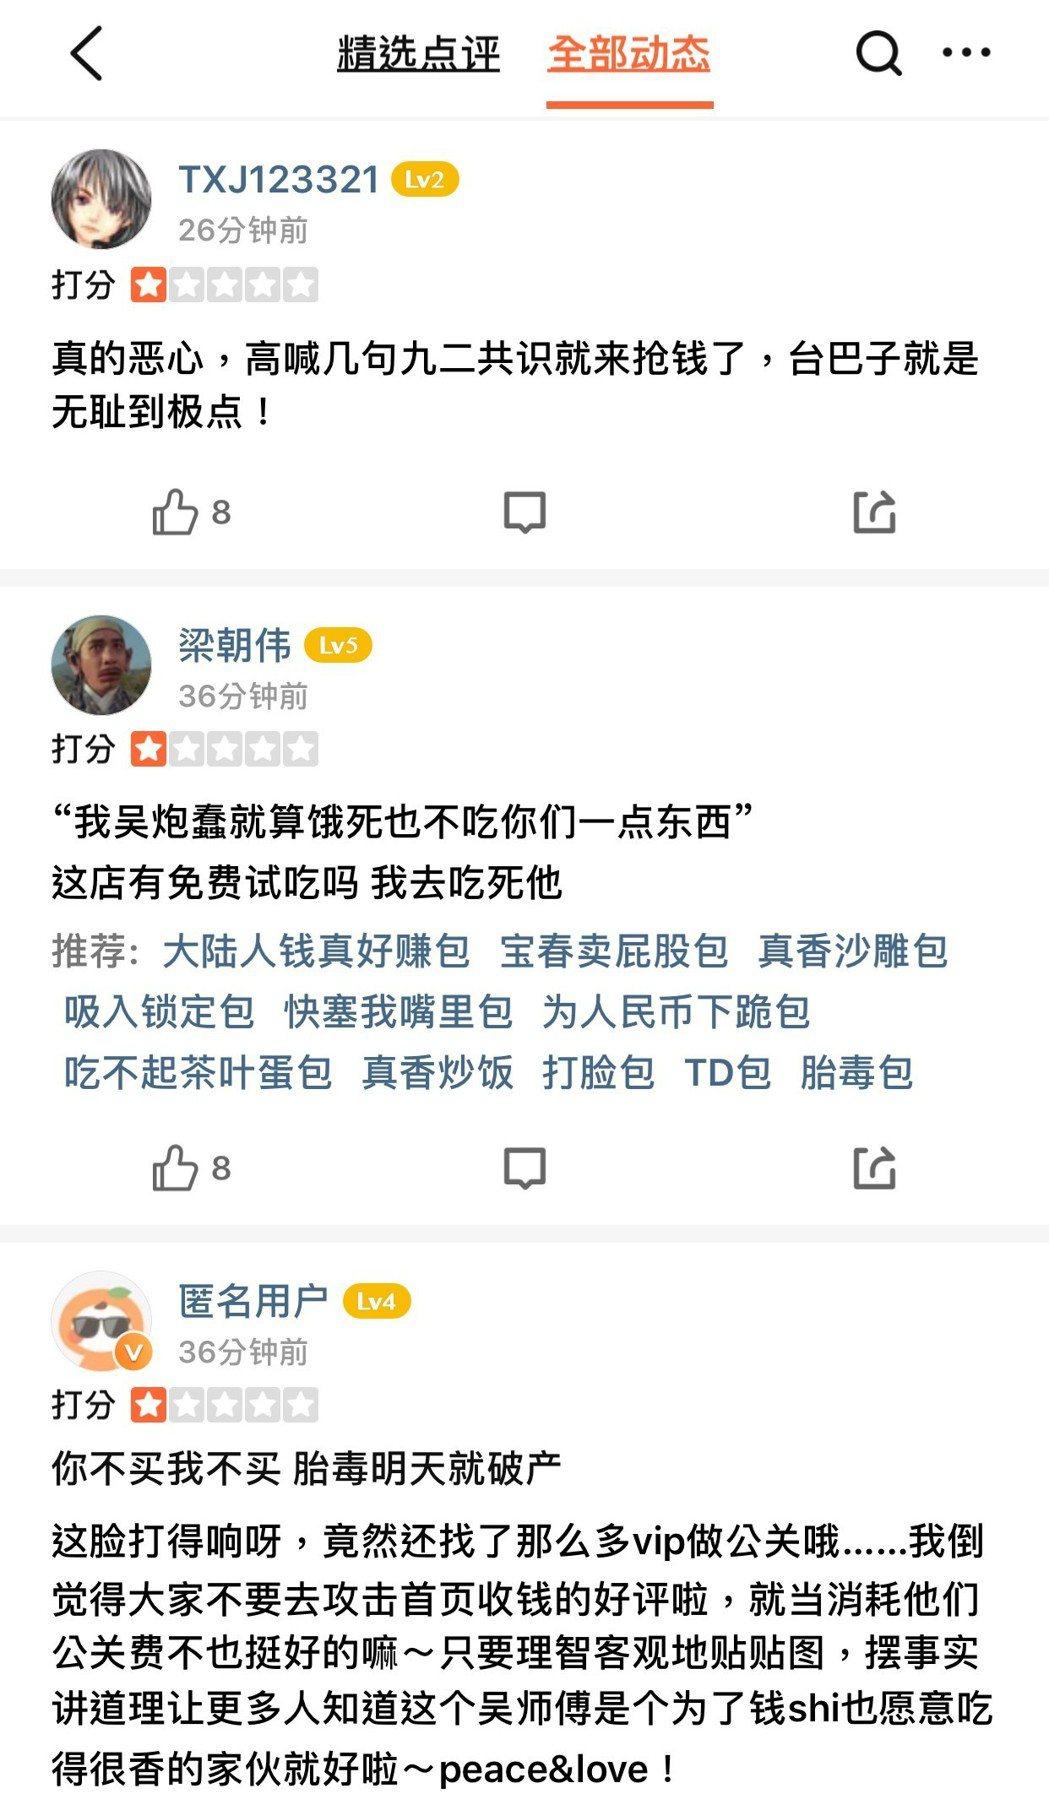 大陸網友在大眾點評上對吳寶春麥坊的評價。(截圖自《大眾點評》)